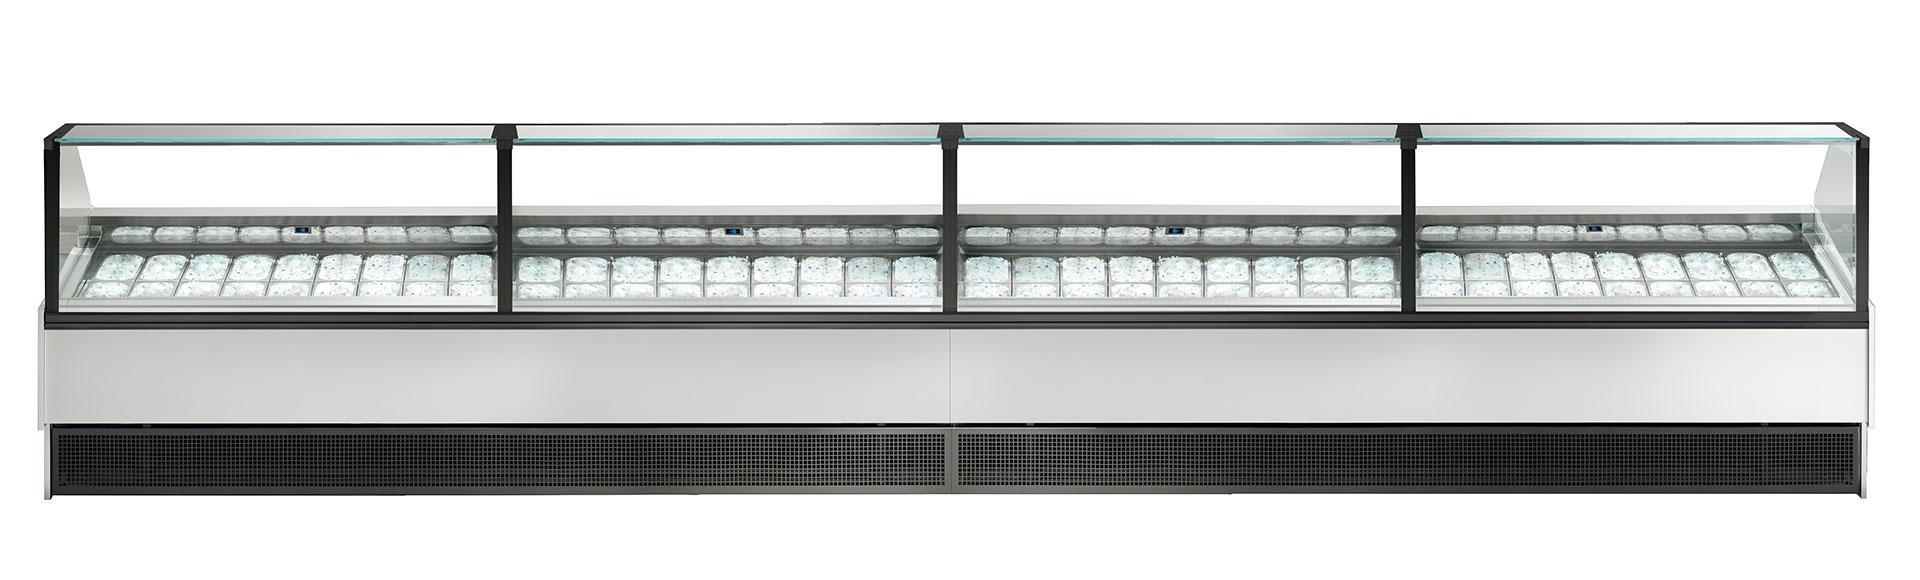 MISS è una vetrina professionale per gelateria e pasticceria, un'estetica minimale personalizzabile in una vasta gamma di colori e materiali.